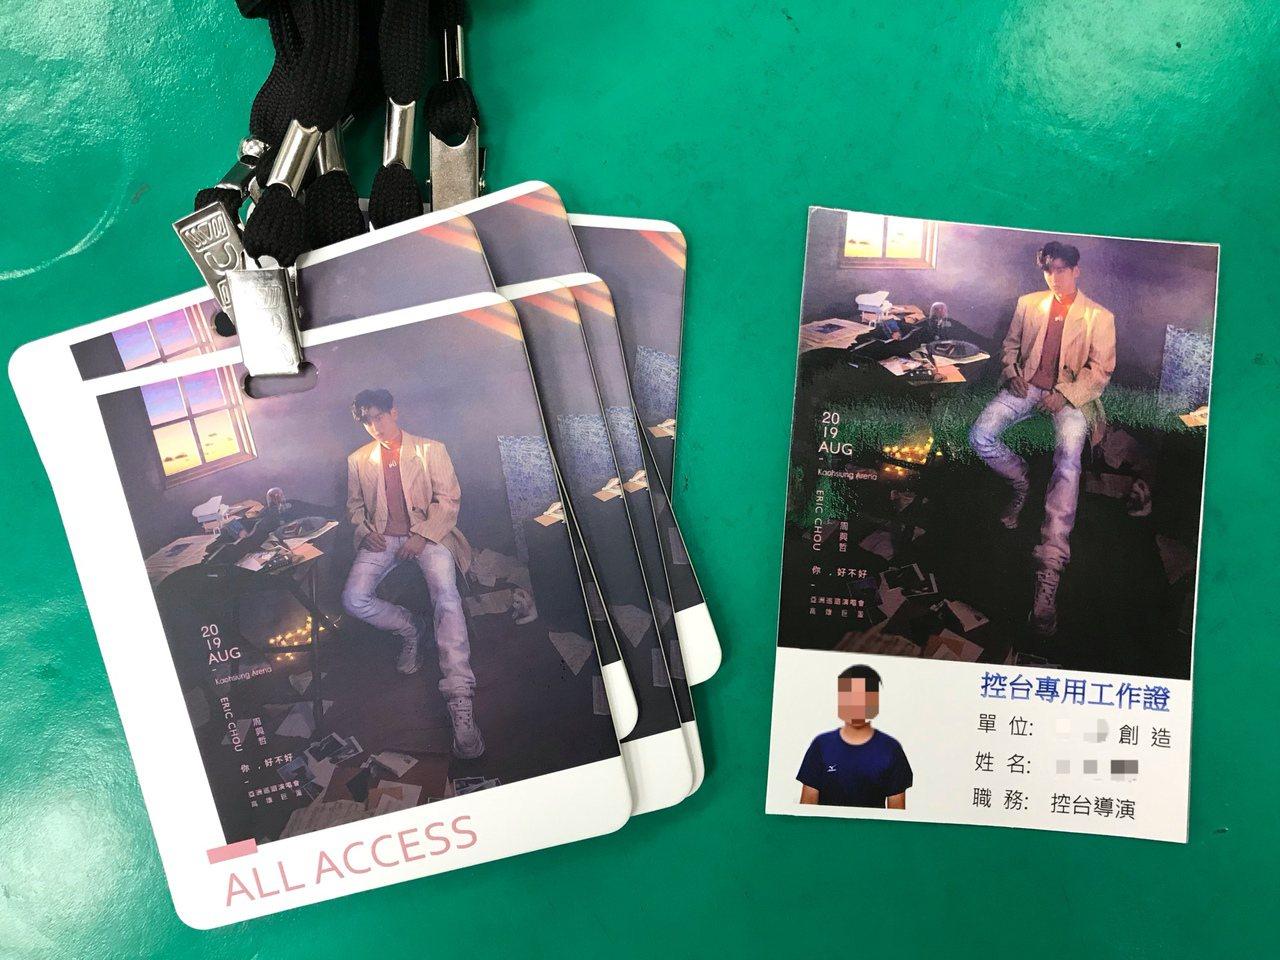 20歲的郭姓男子偷6張演唱會工作證,混入歌手周興哲昨天在高雄巨蛋舉辦的演唱會,昨...